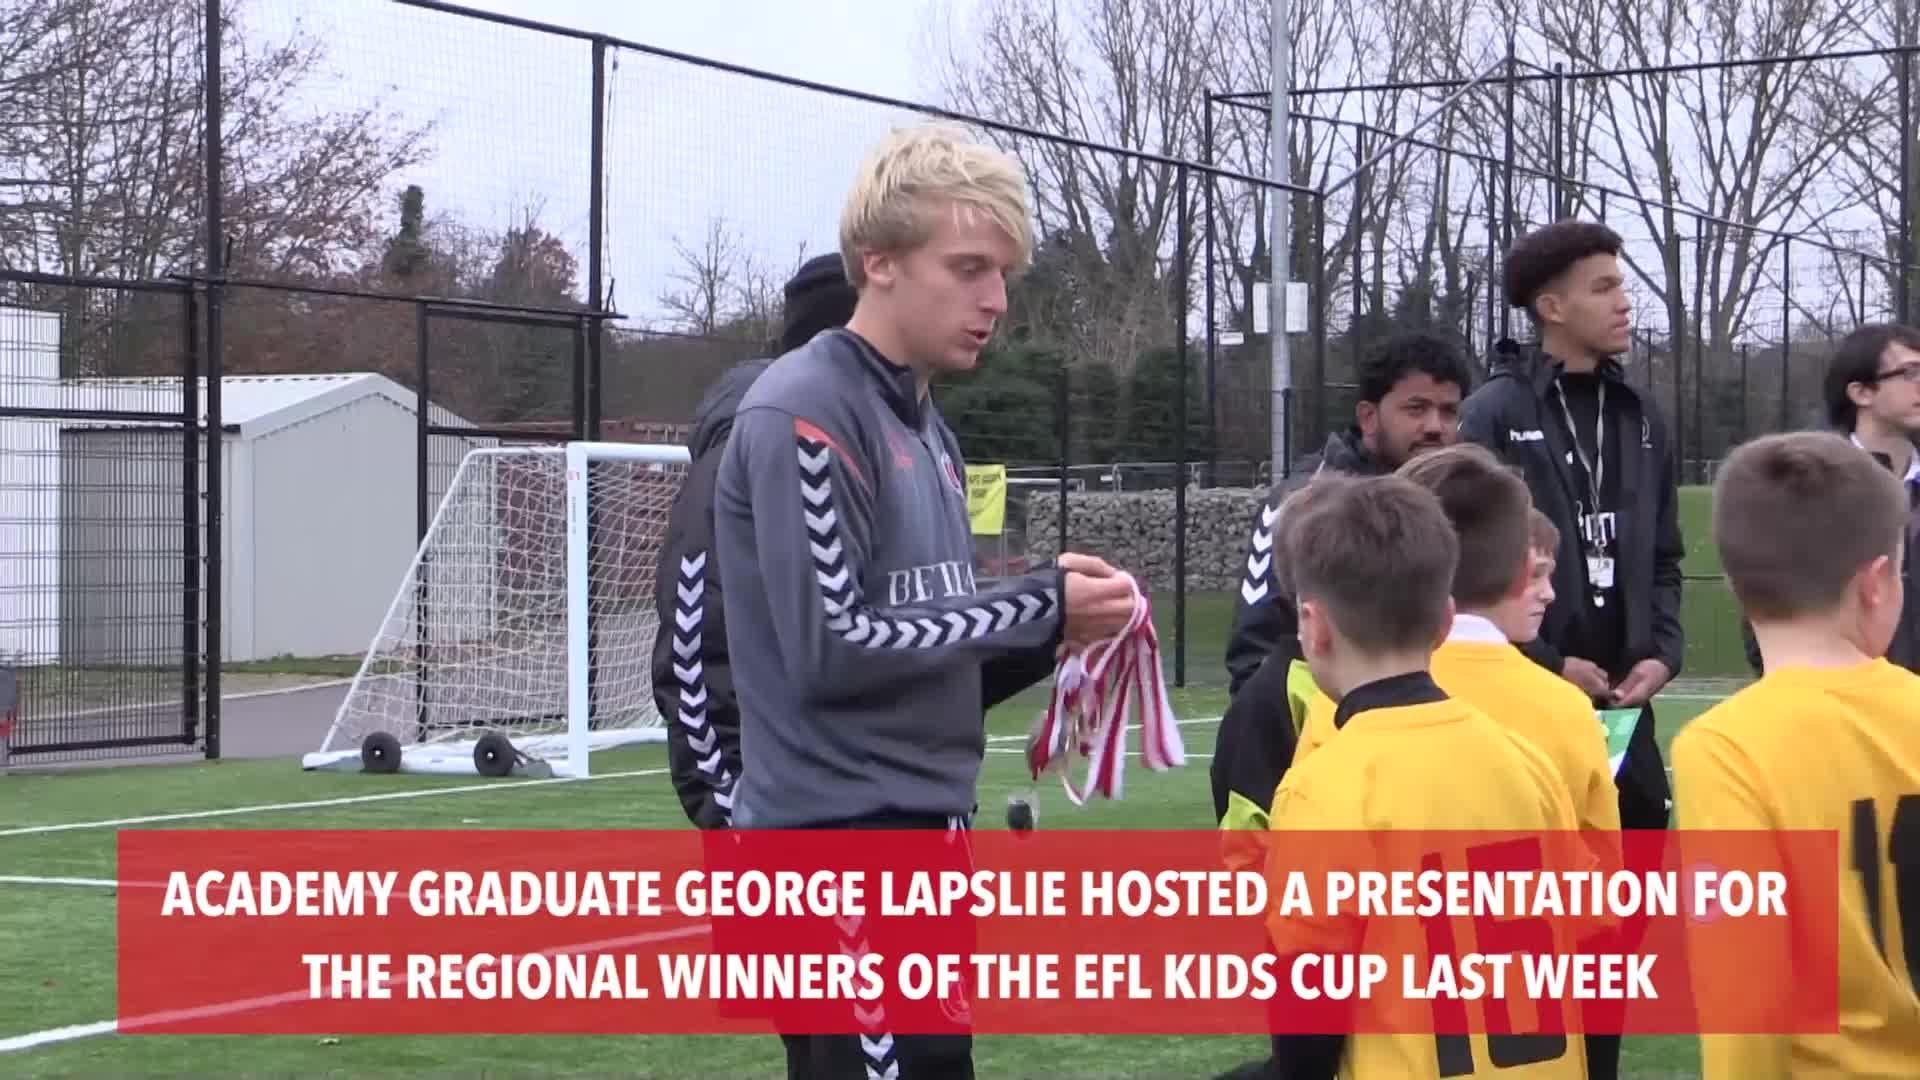 George Lapslie visits regional winners of EFL Kids Cup